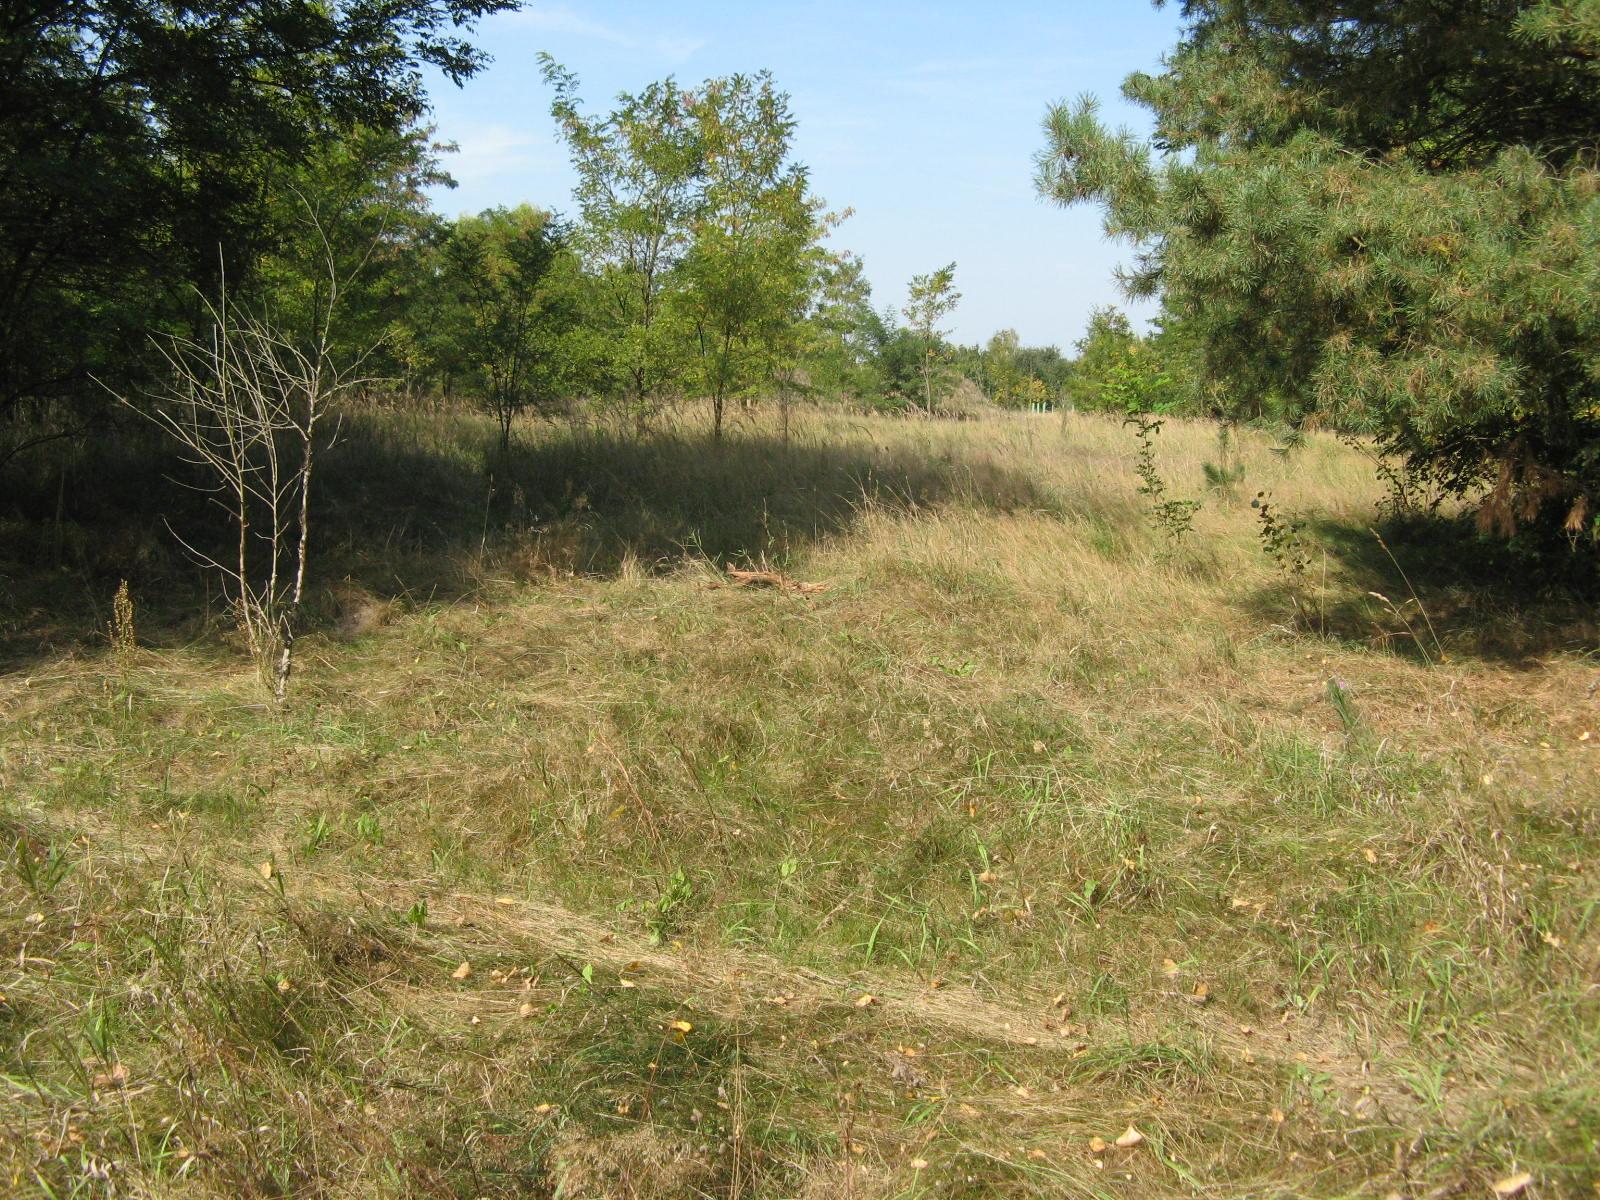 Typical semi-open habitat of <i>D. reticulatus</i>